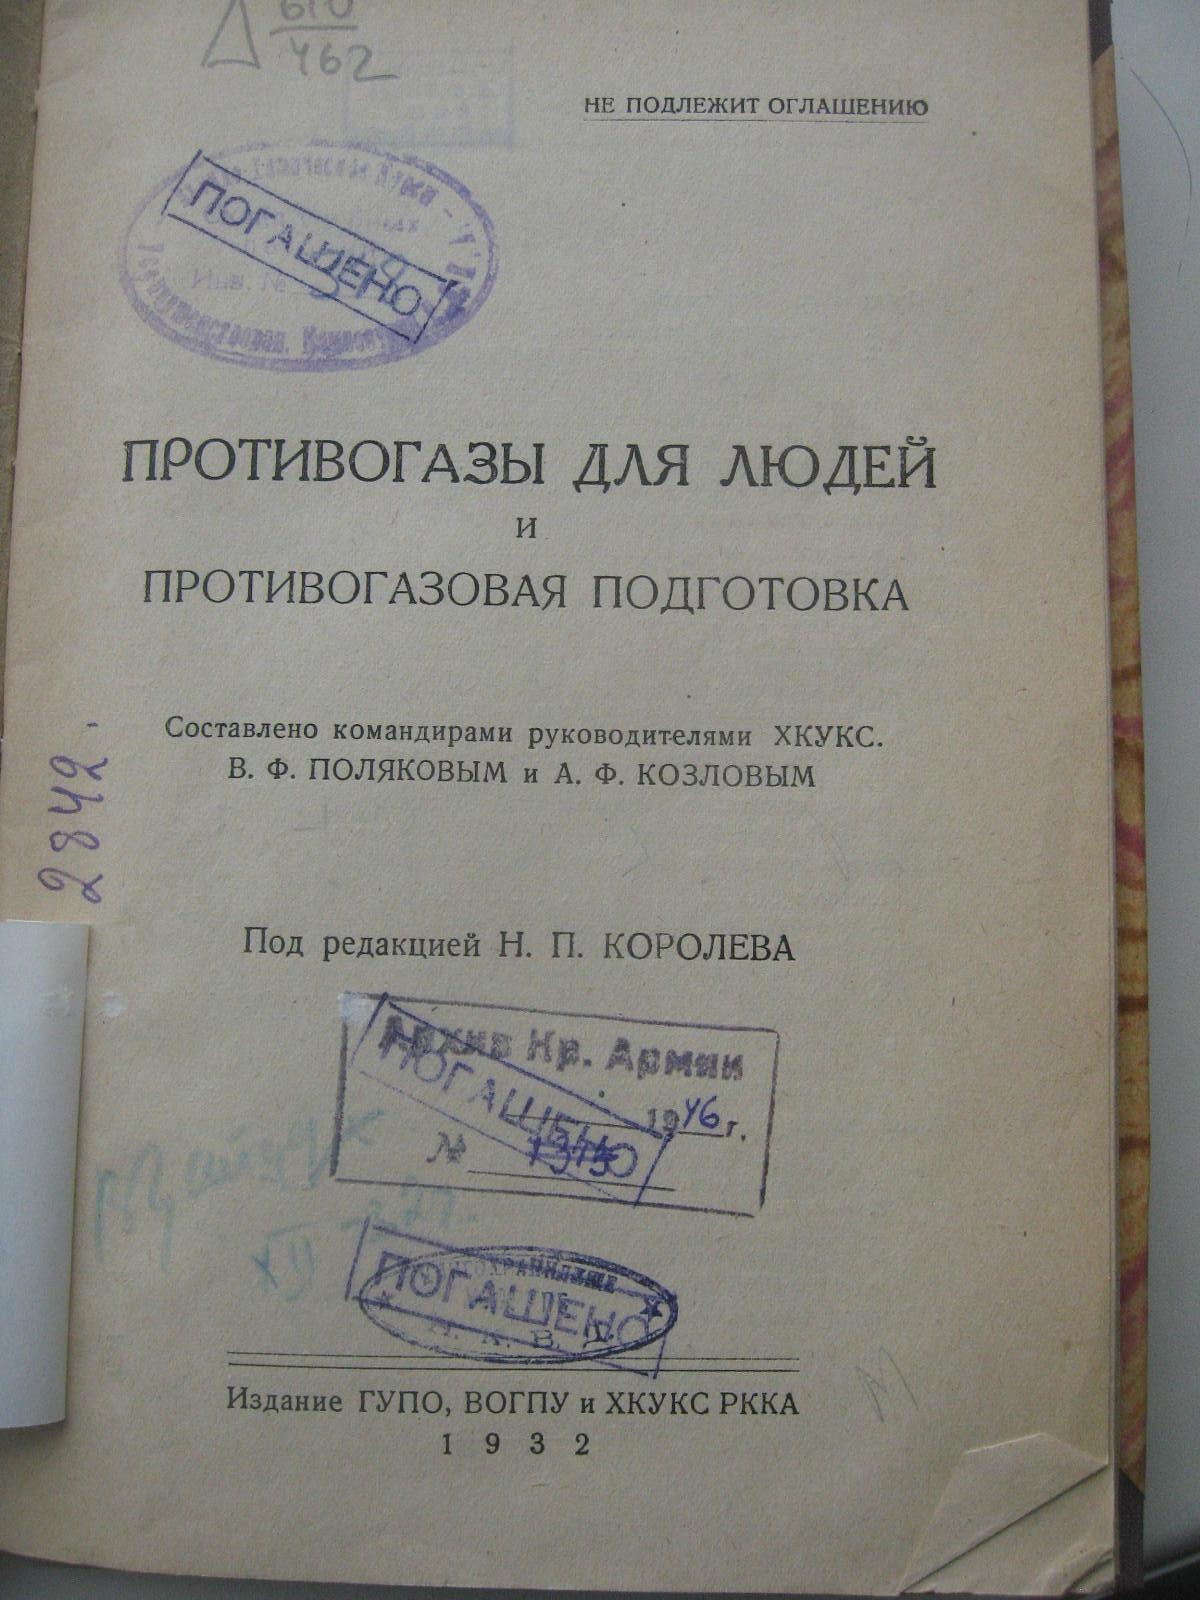 На фото: Противогазы для людей и противогазовая подготовка. 1932, автор: alexandr.chir